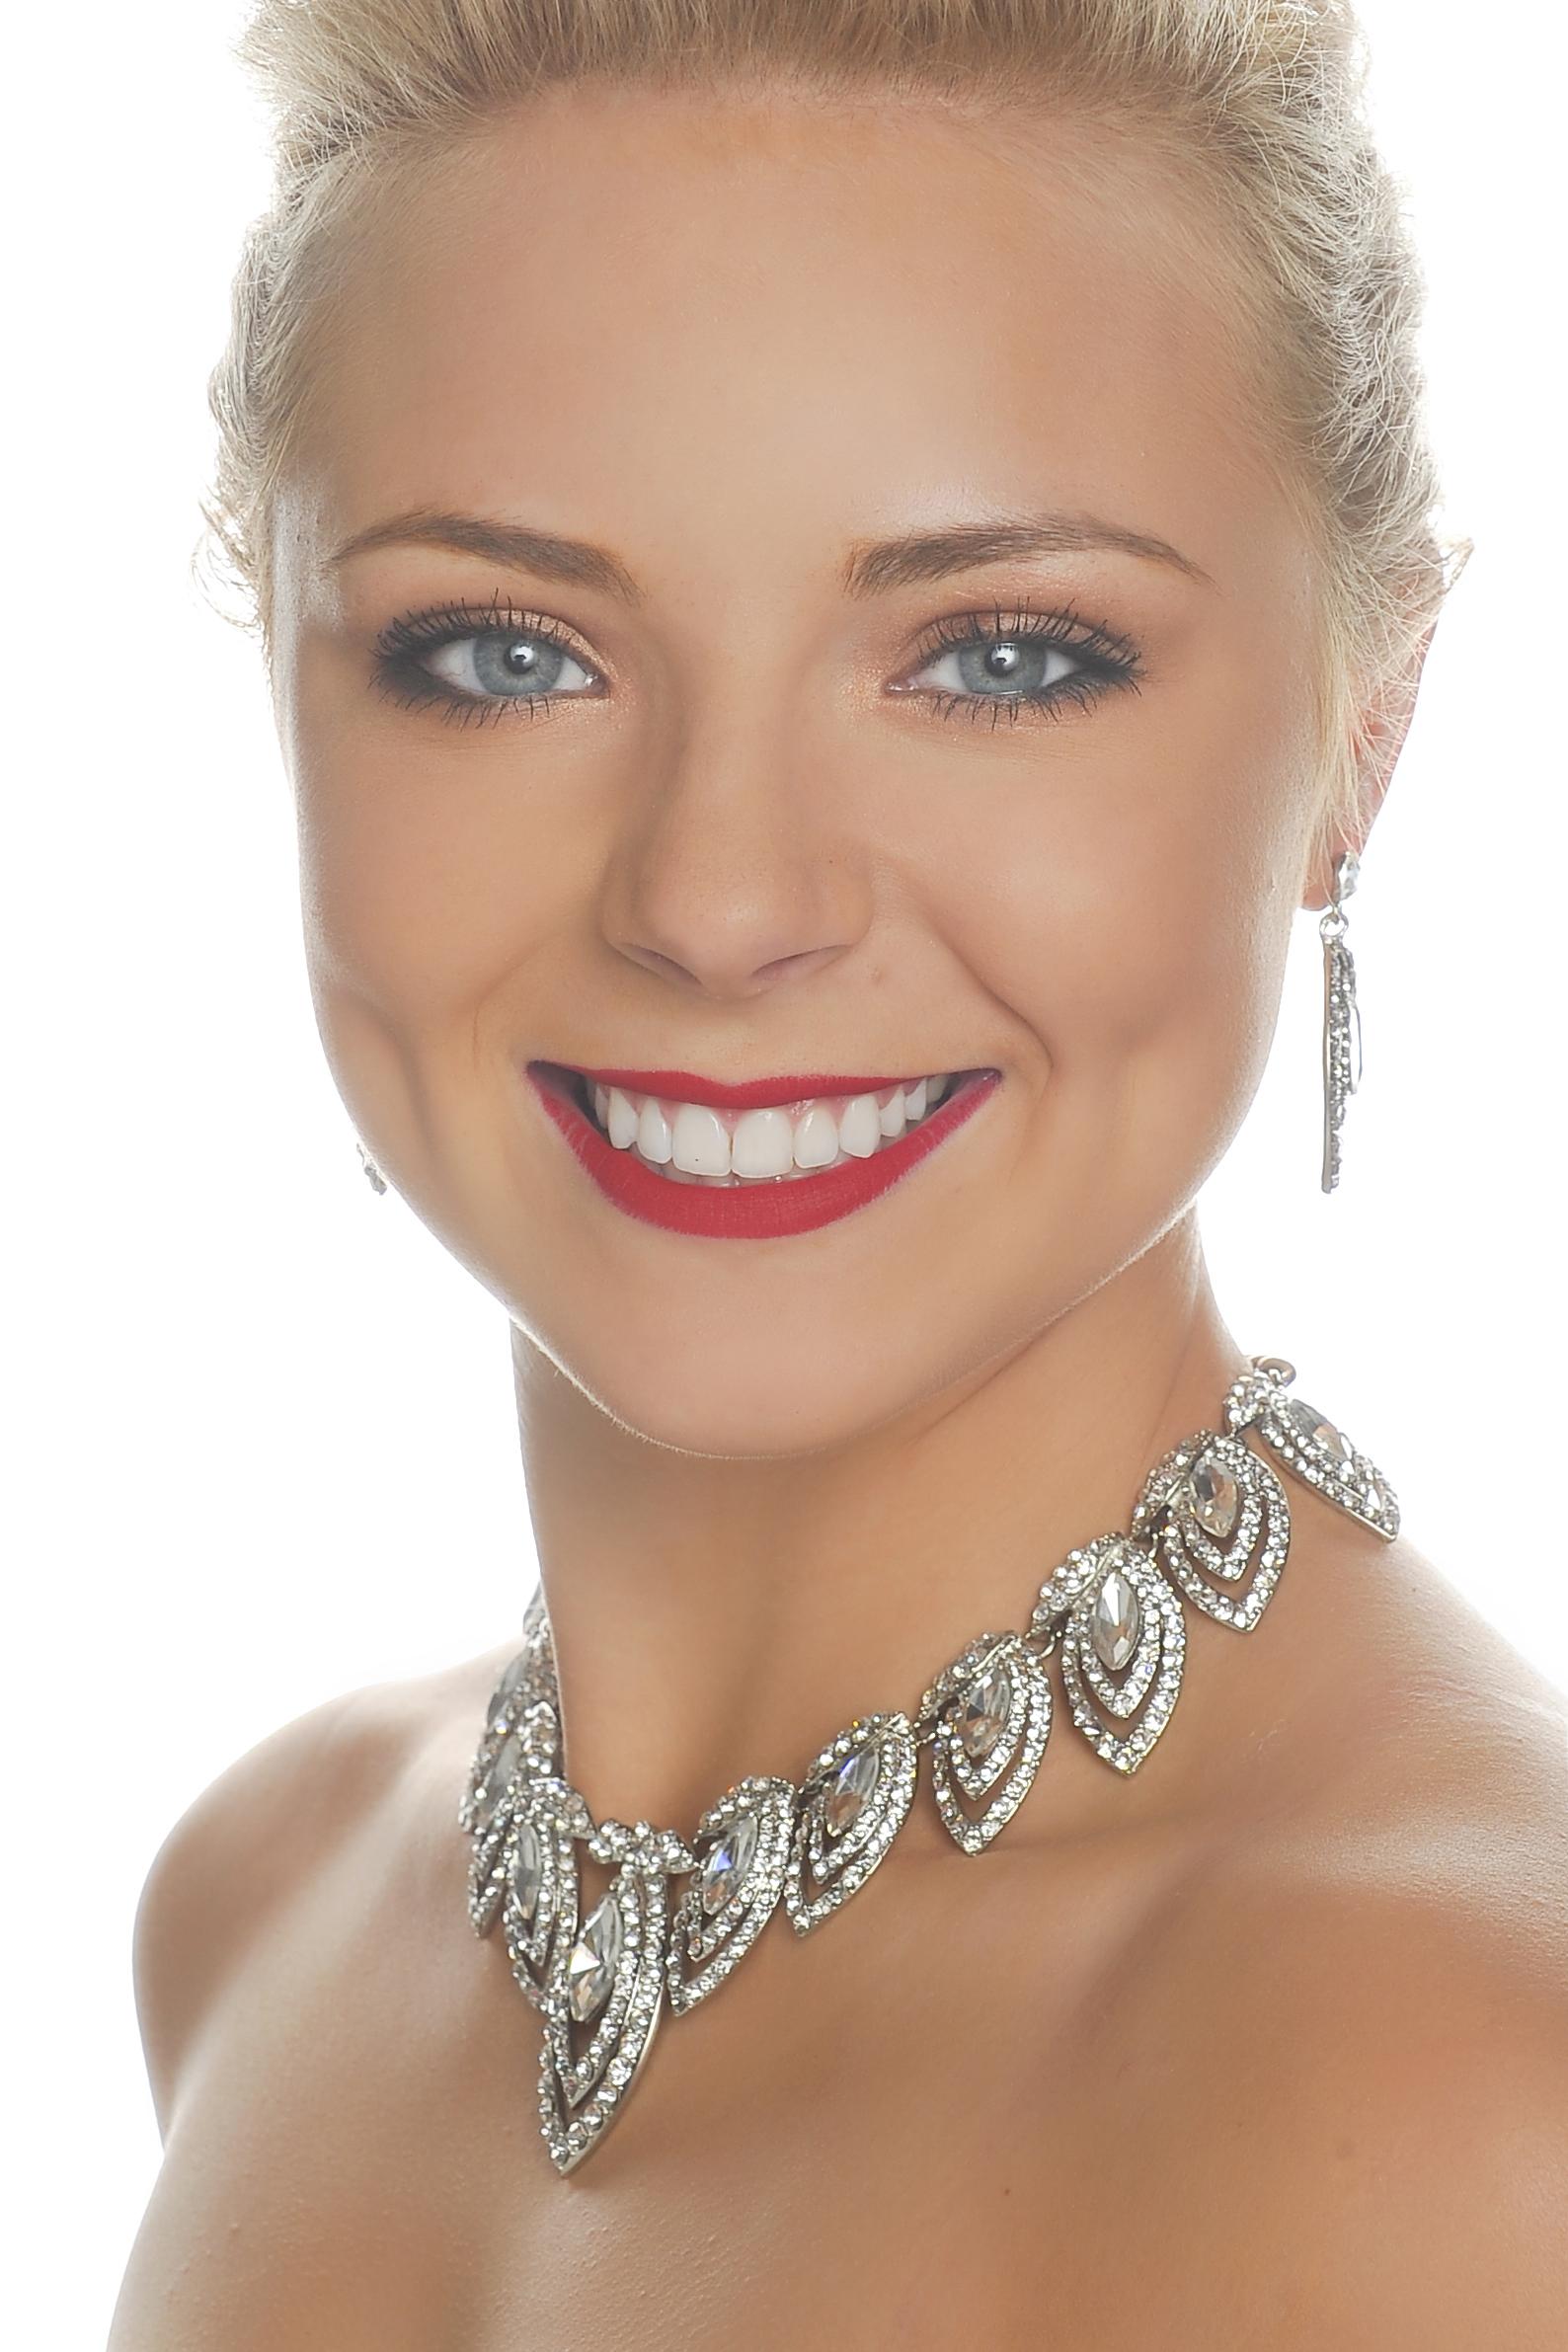 Official_Miss_Alaska_headshot_for_MIss_A